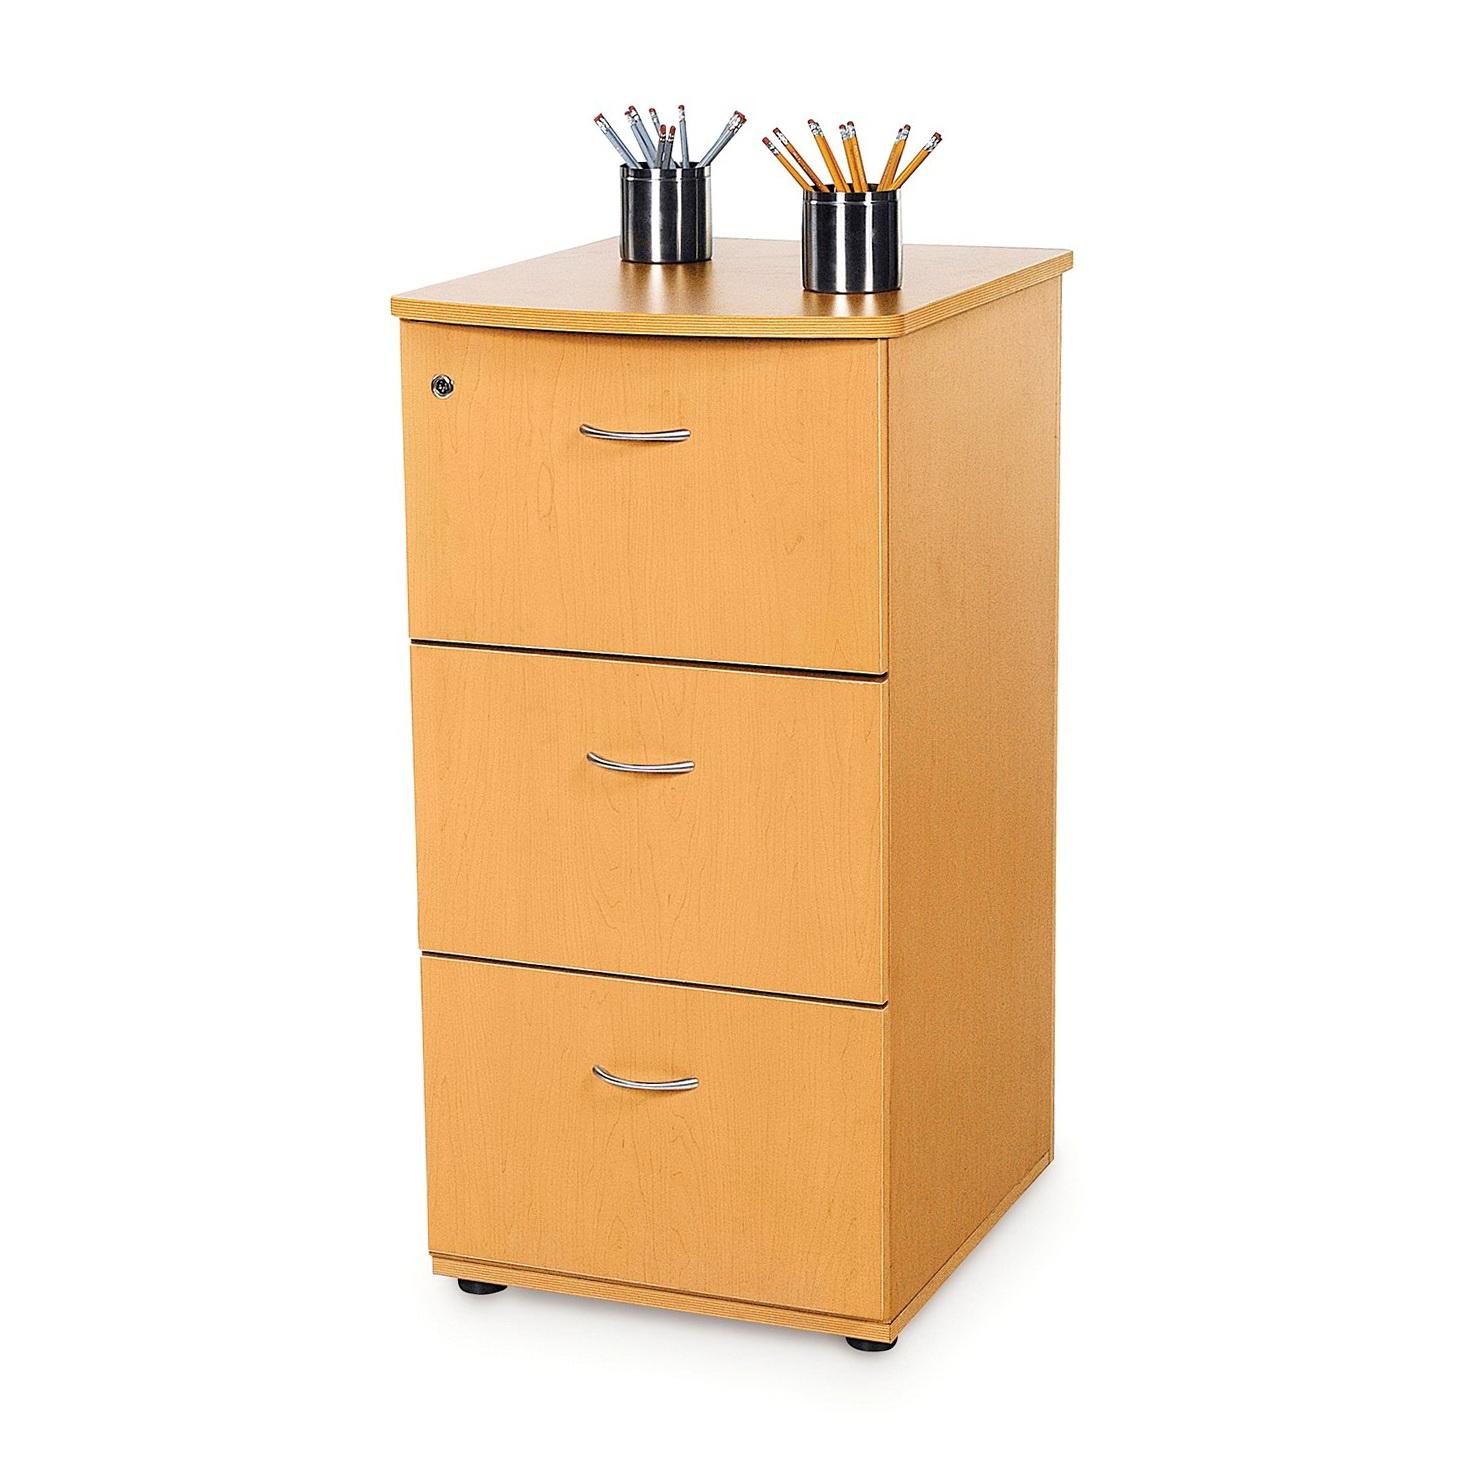 Locking File Cabinet 3 Drawer